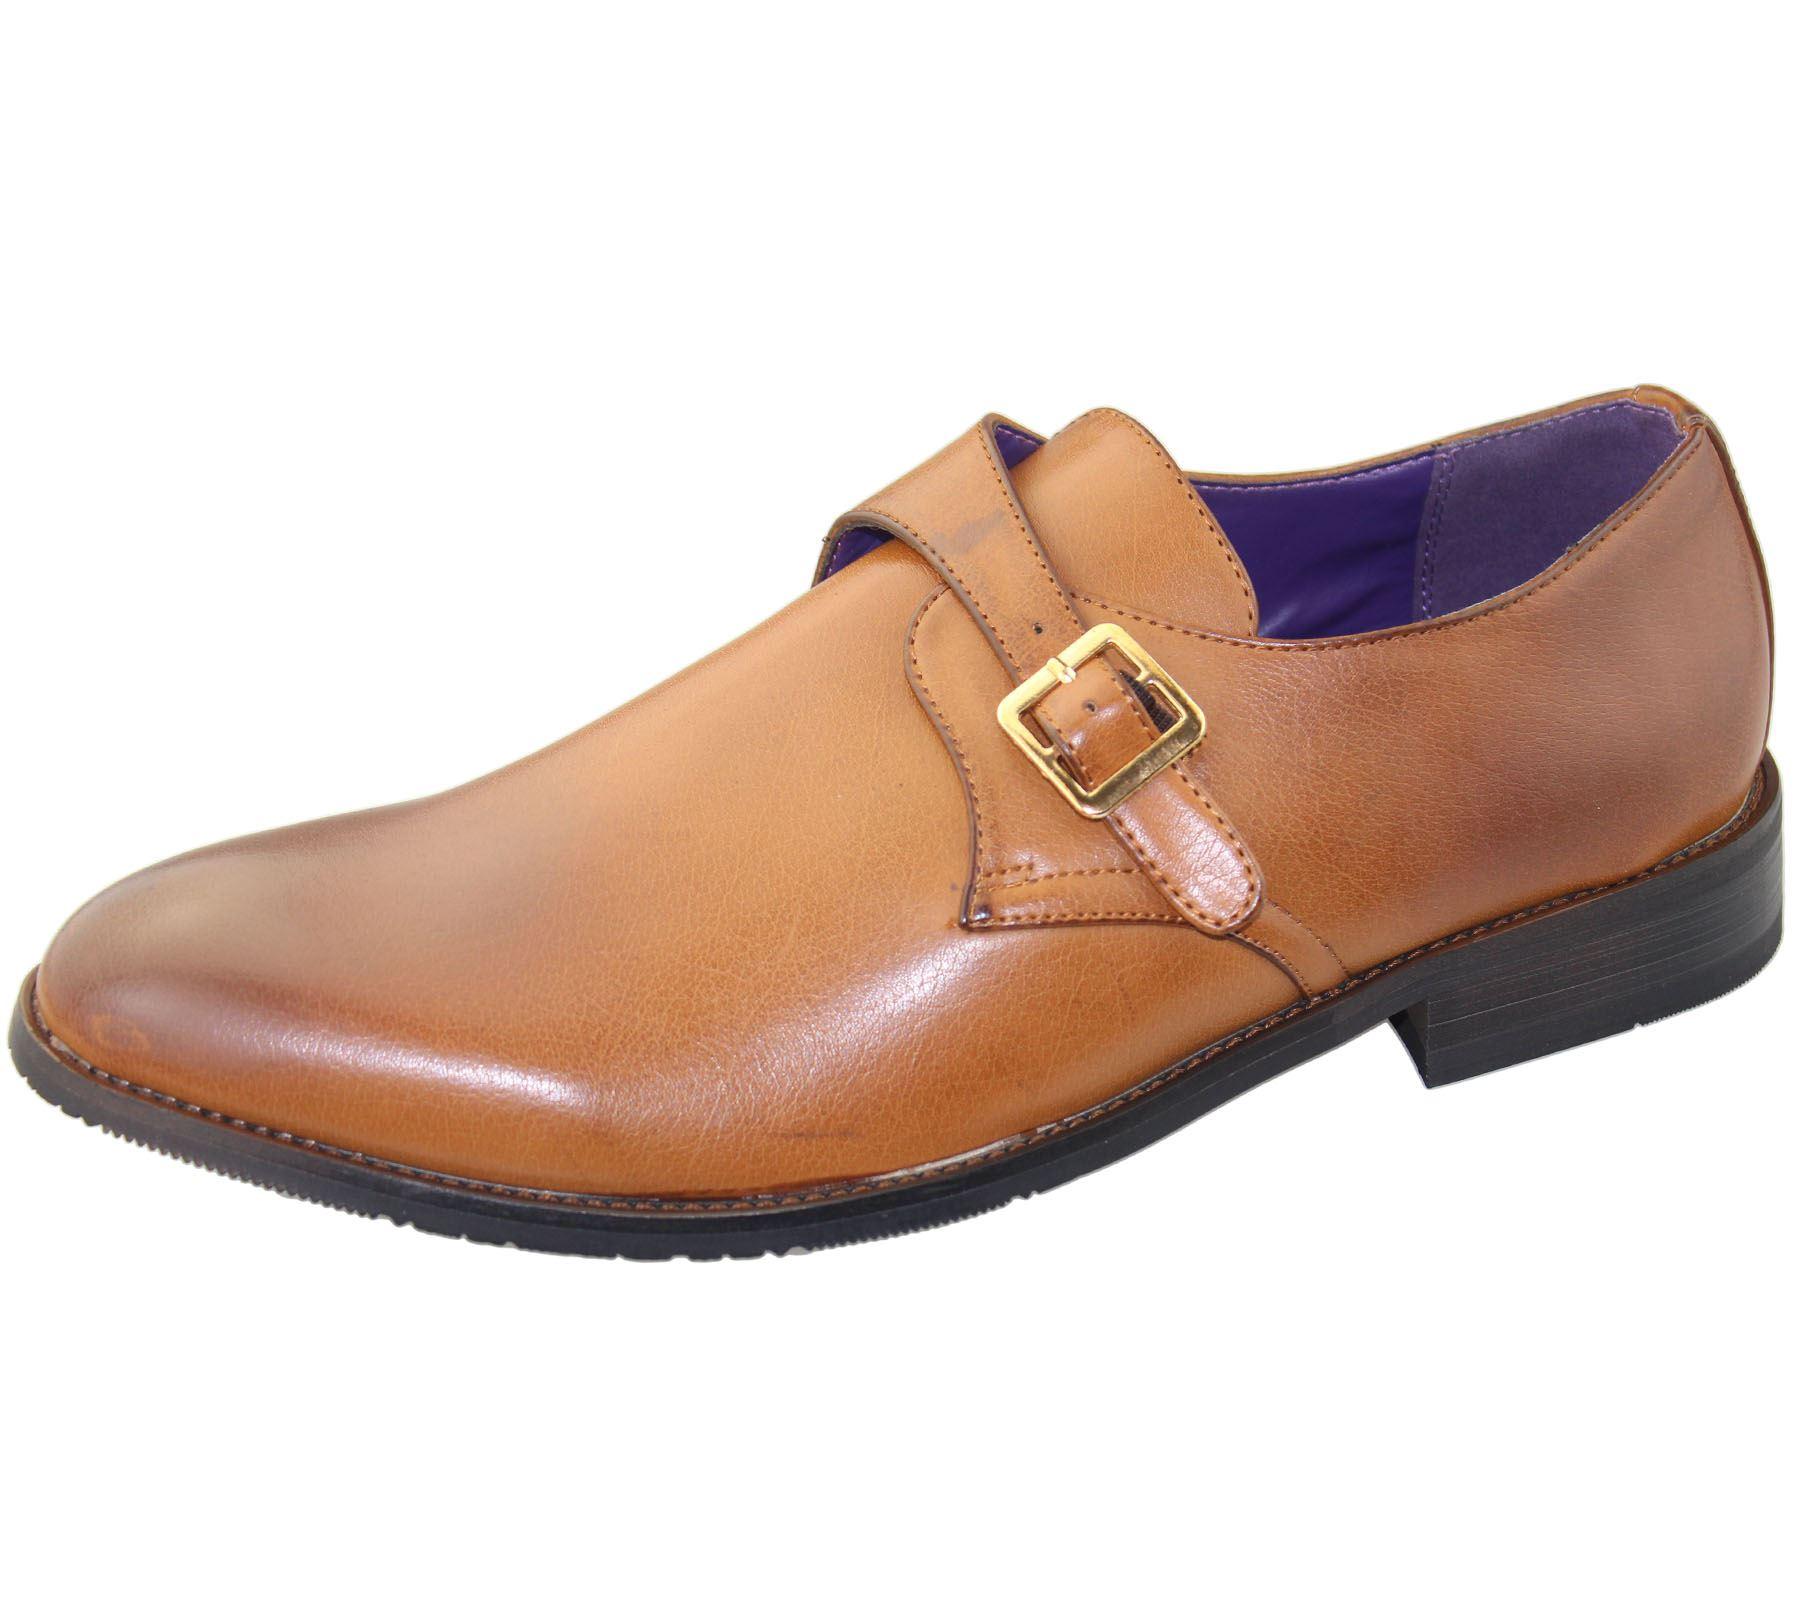 Hombre-Oficina-Cordones-Zapatos-Oxford-Boda-Casual-Formal-Elegante-Vestido